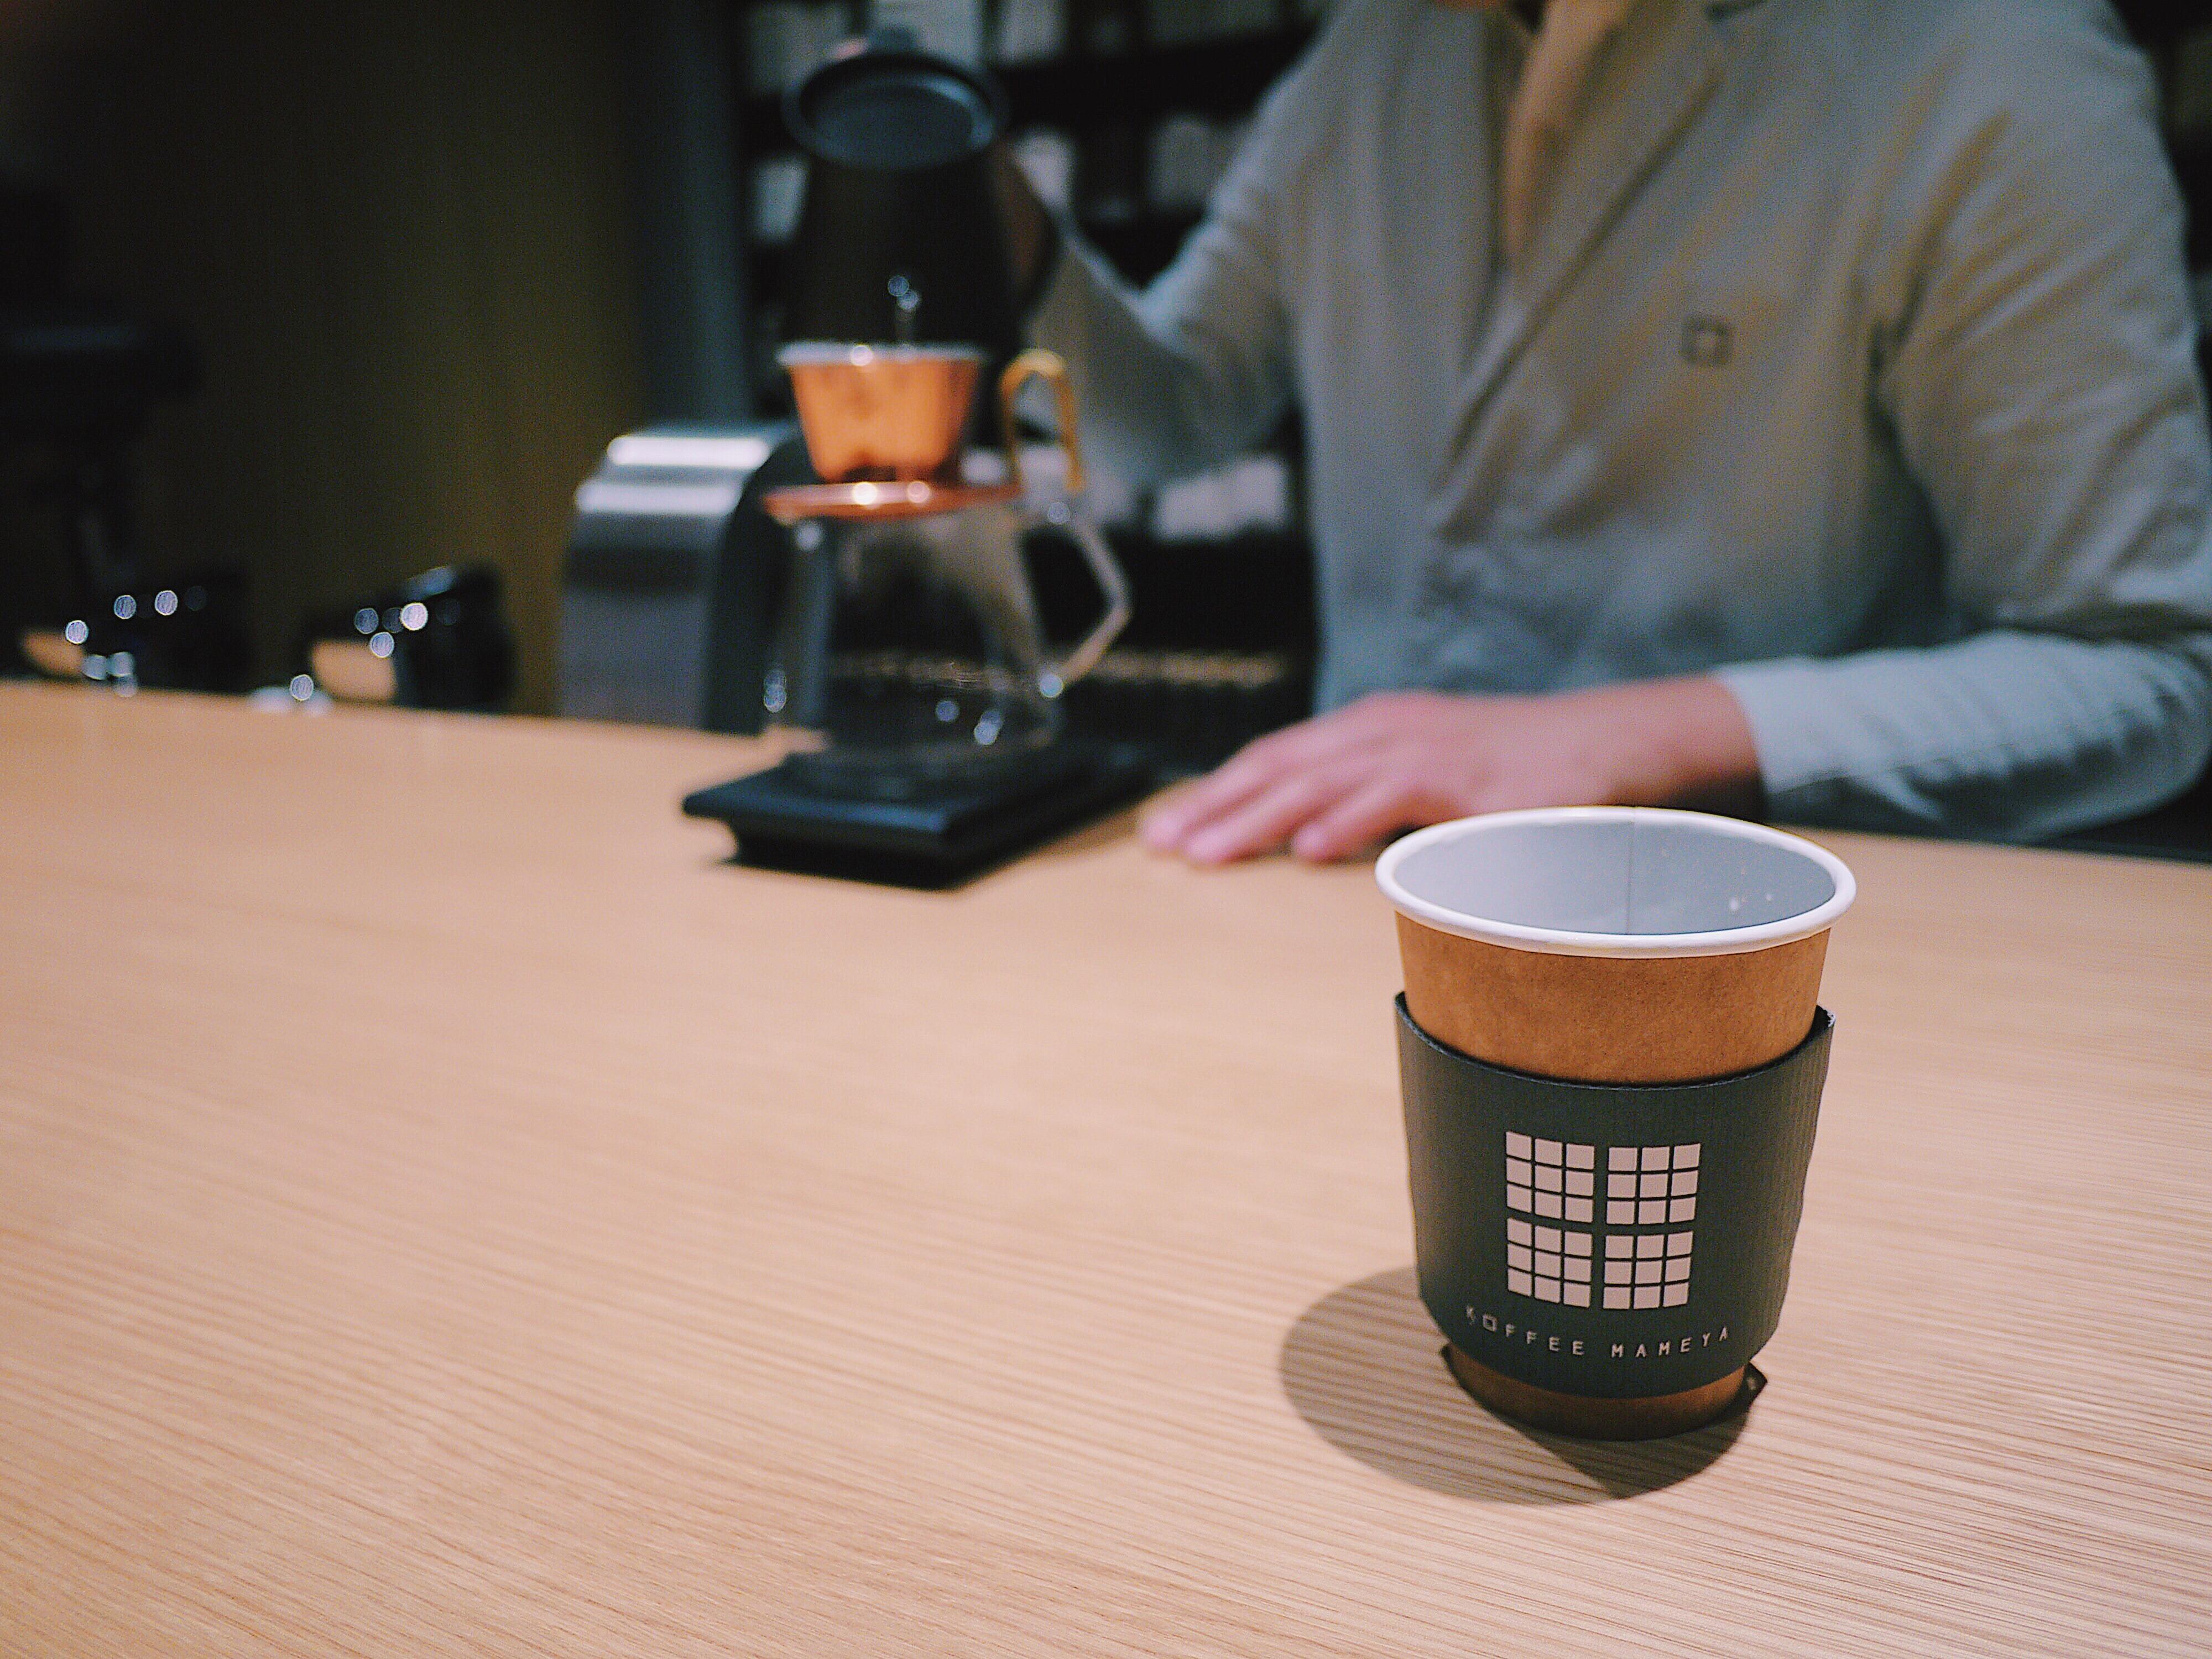 koffeemameya2